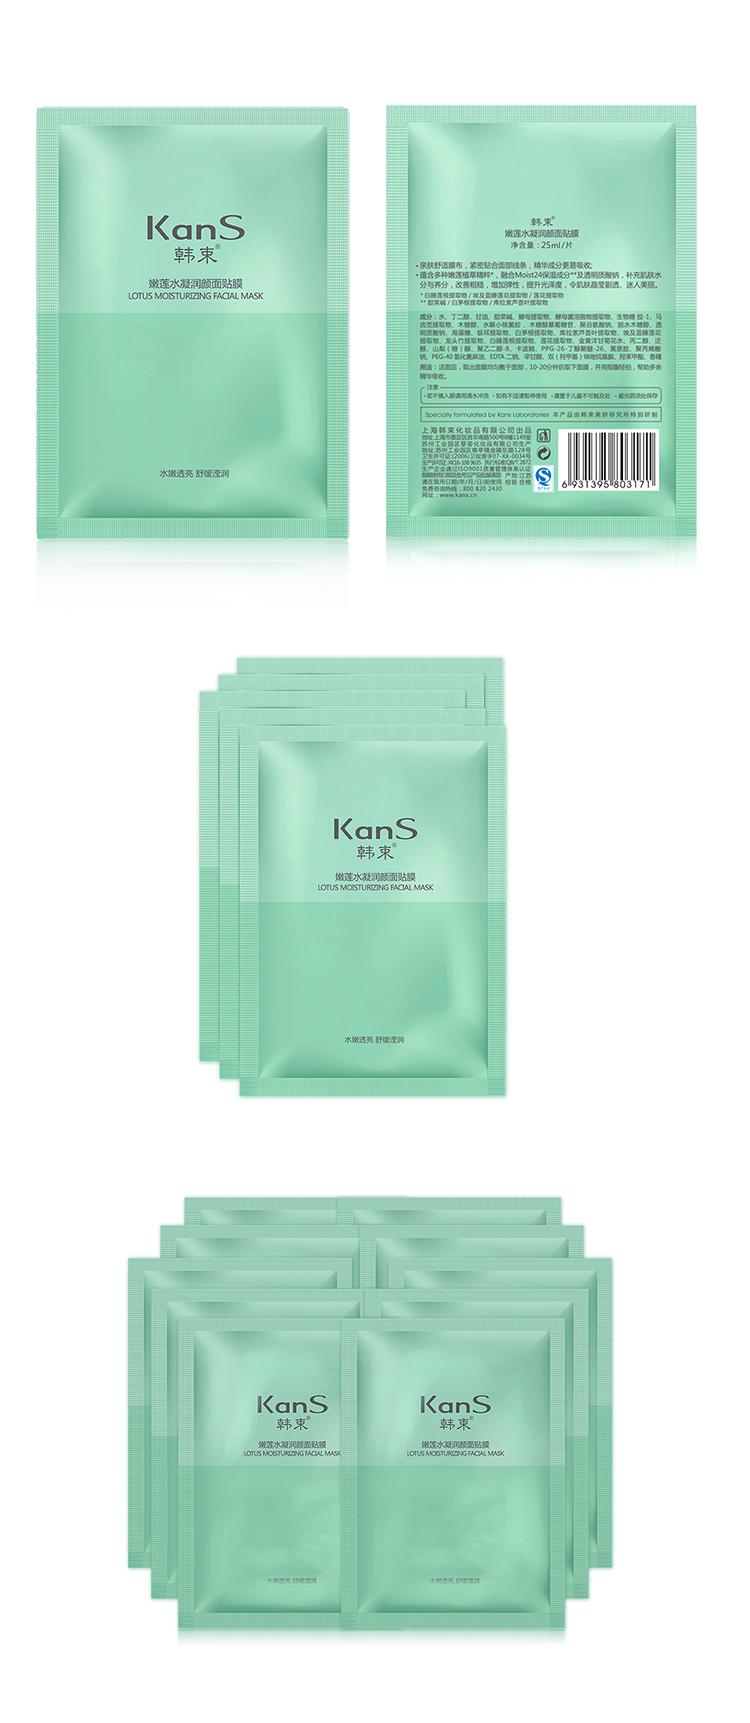 包装 包装设计 护肤品 化妆品 设计 750_1723 竖版 竖屏